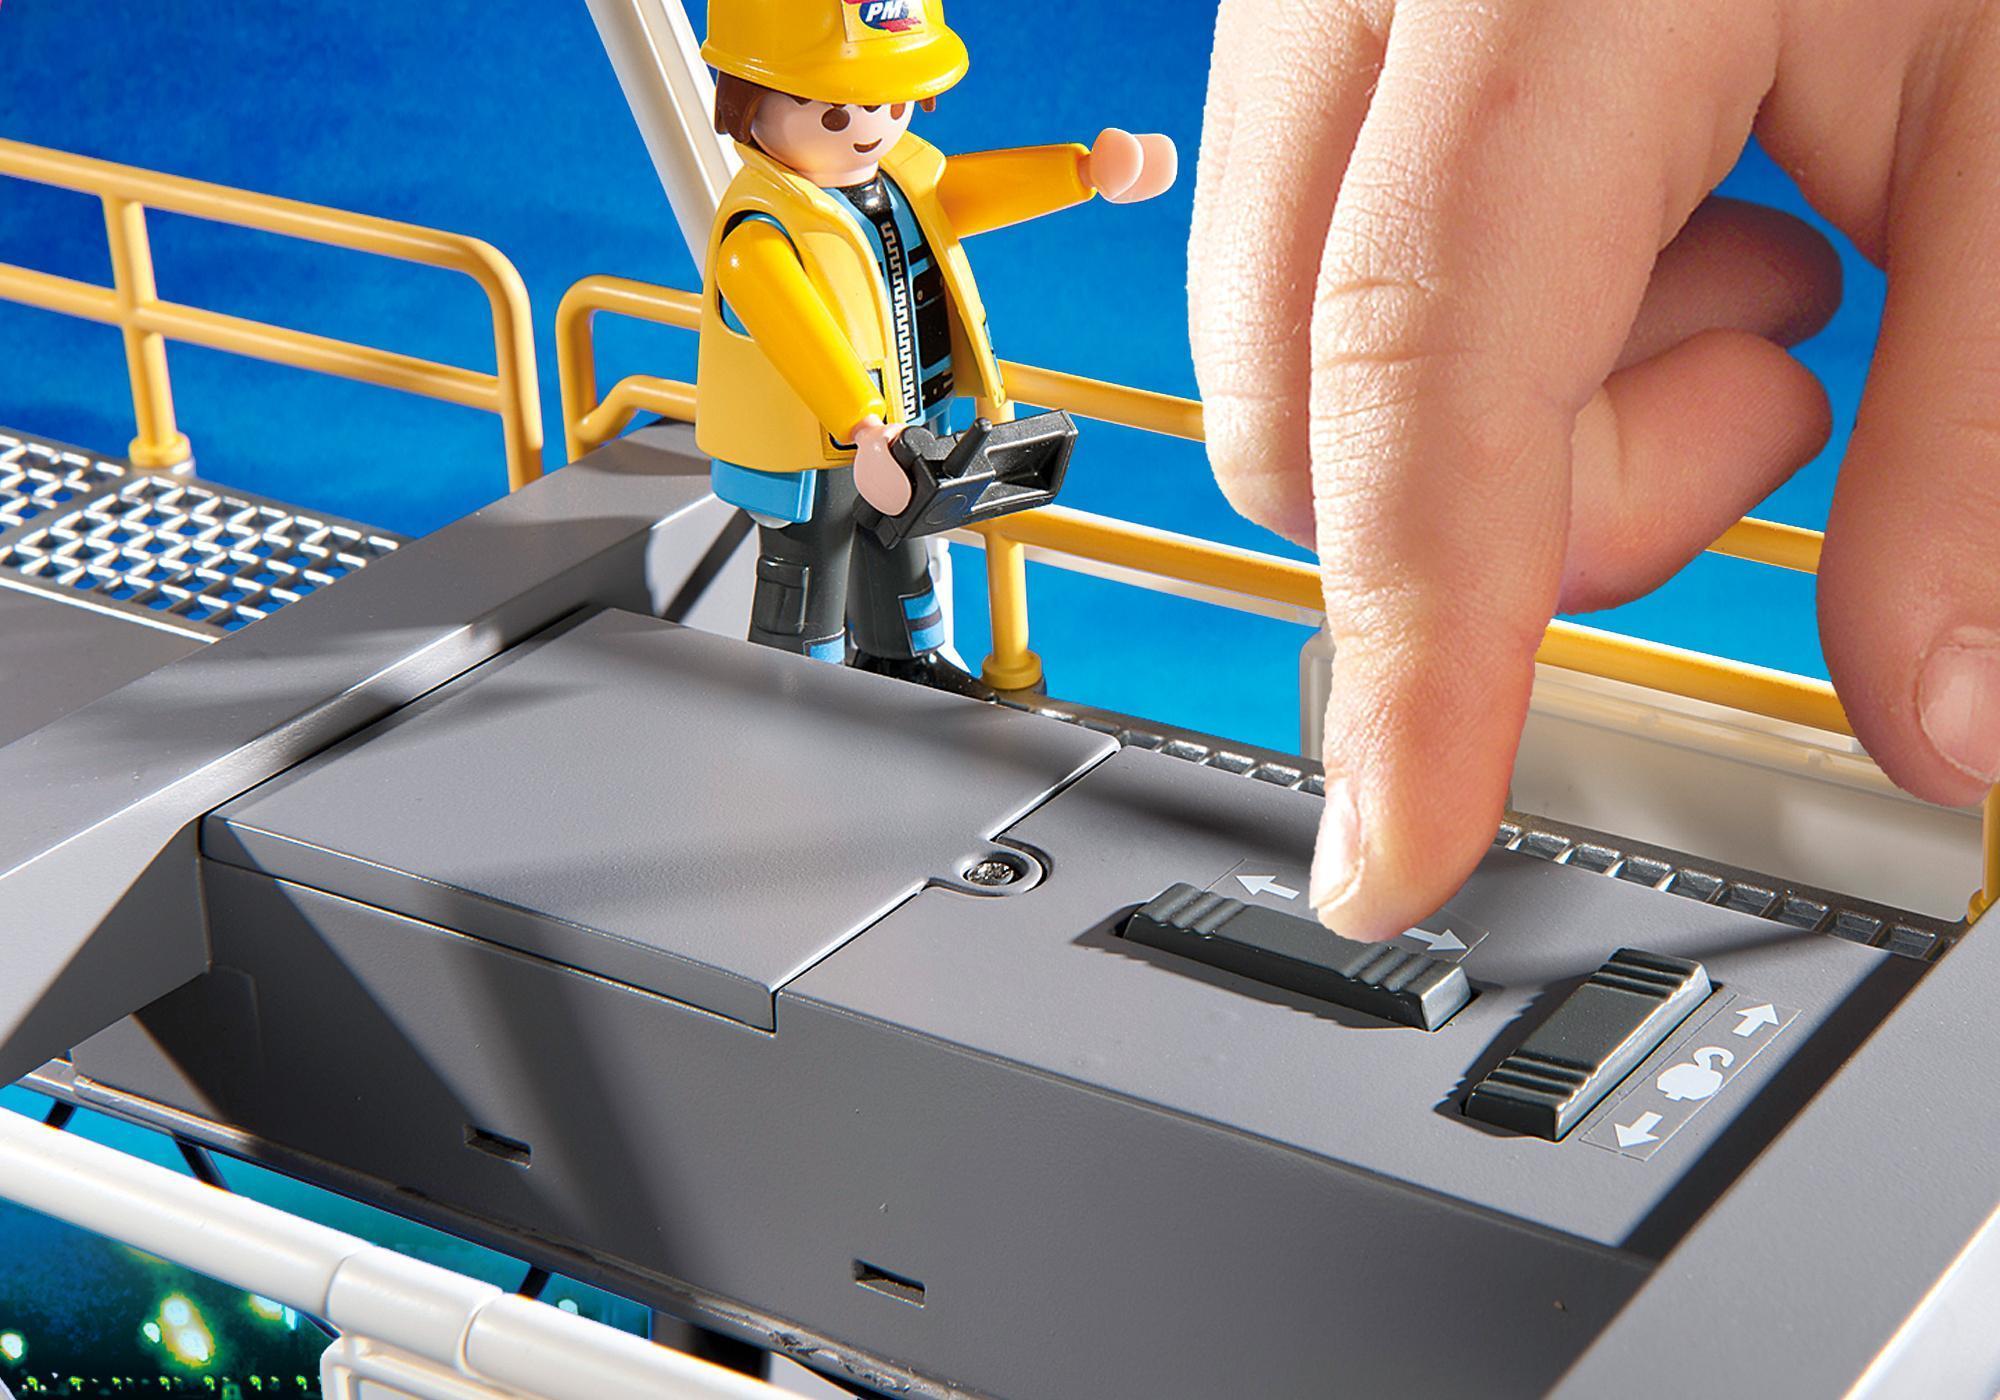 http://media.playmobil.com/i/playmobil/5254_product_extra5/Elektrisk lastningsterminal